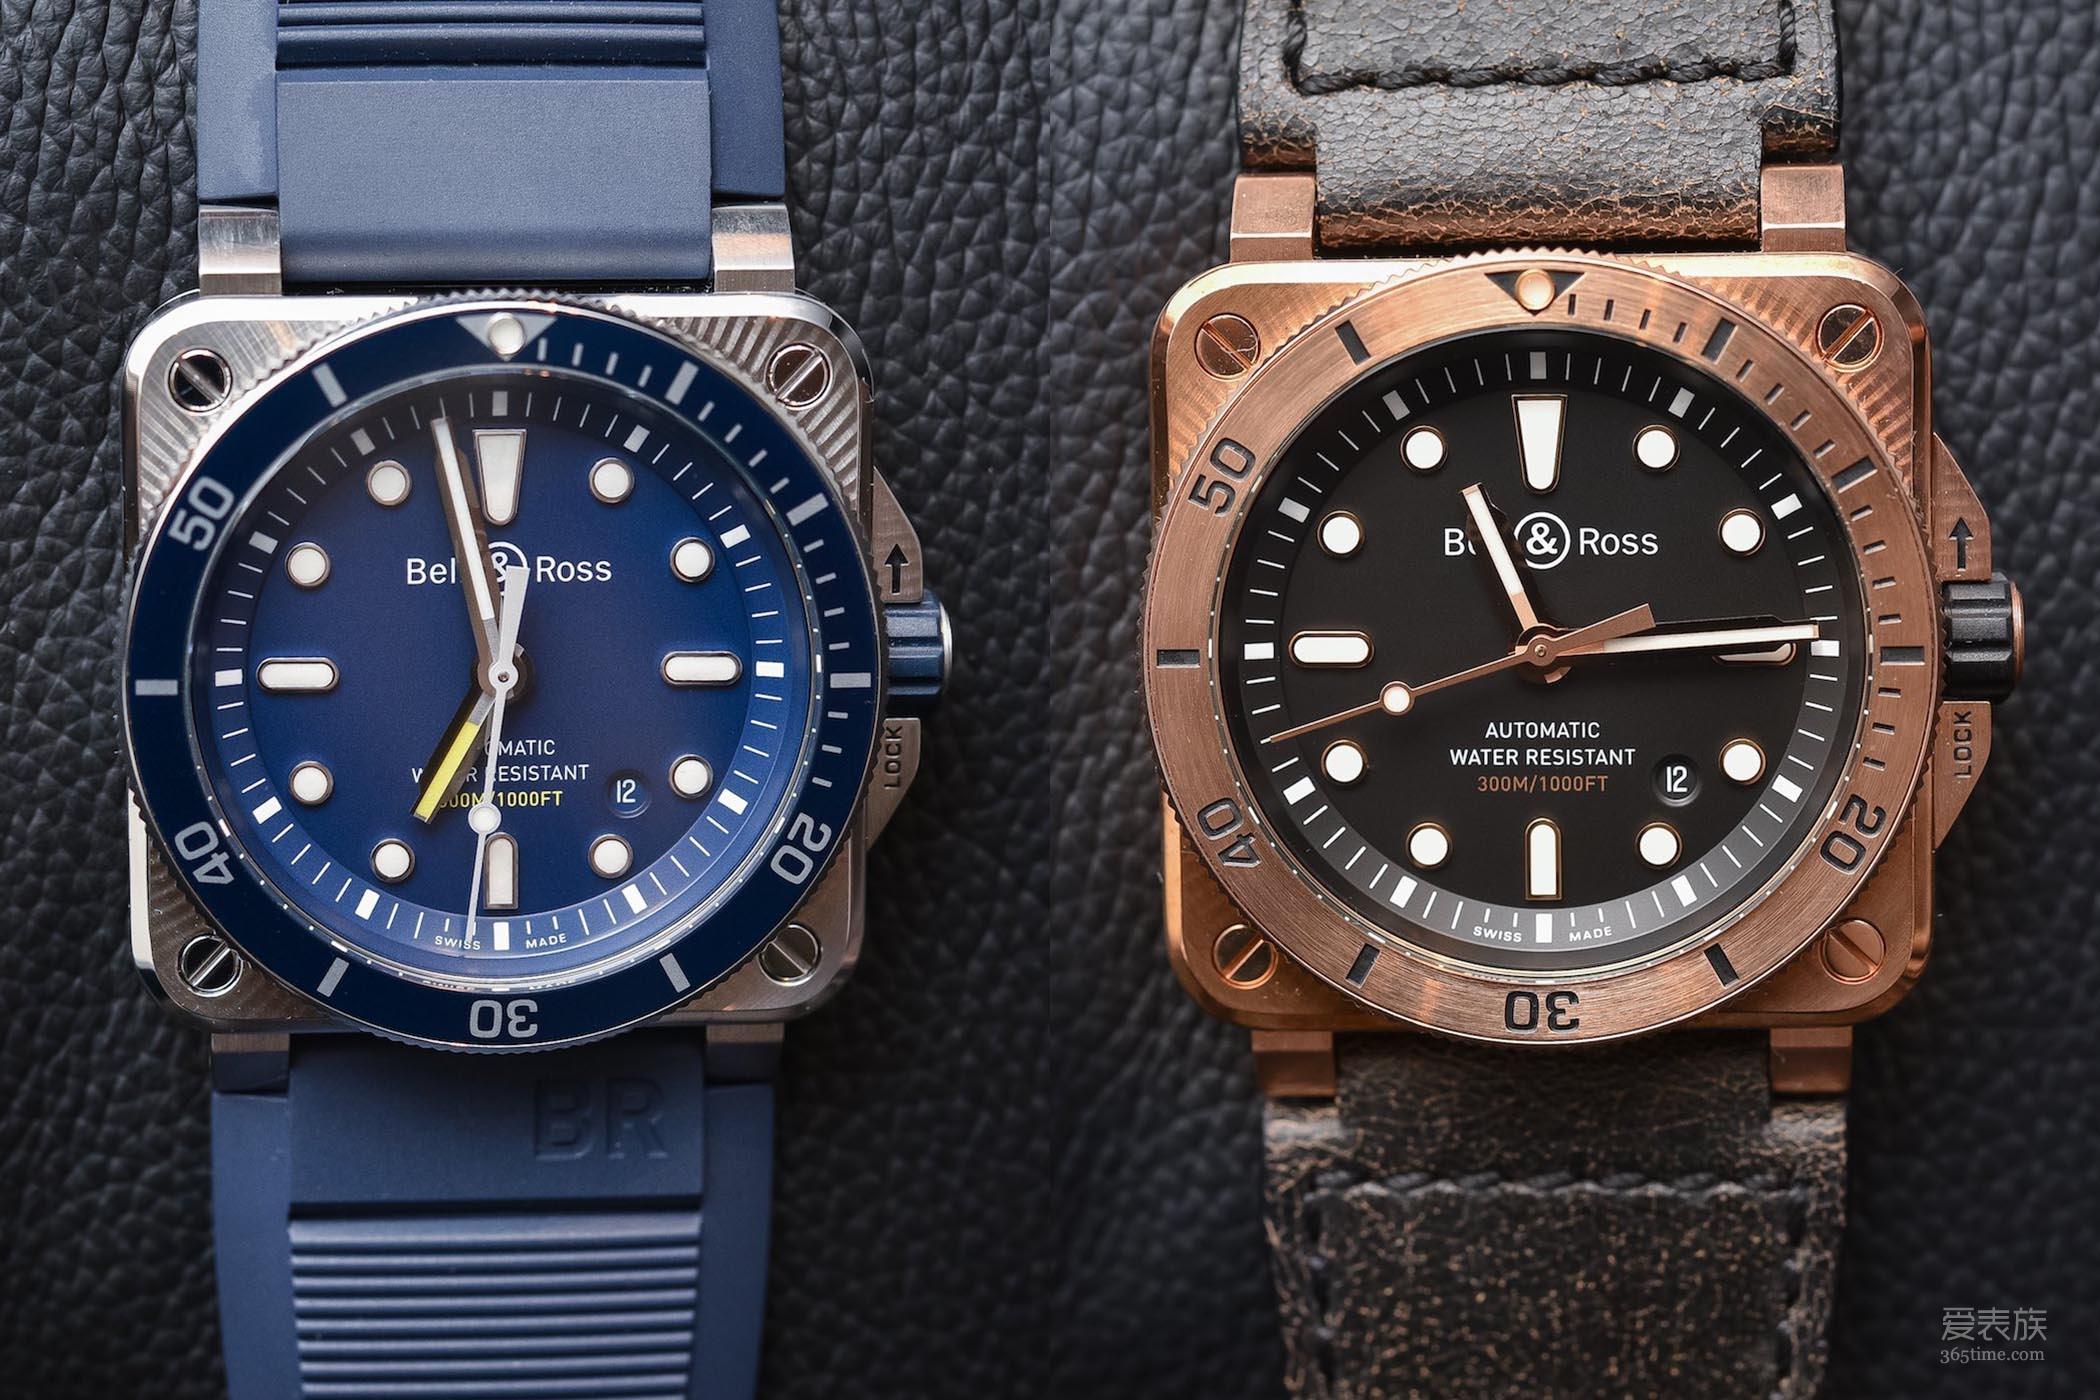 可靠的小众潜水表——柏莱士BR03-92 Diver系列蓝盘&青铜腕表